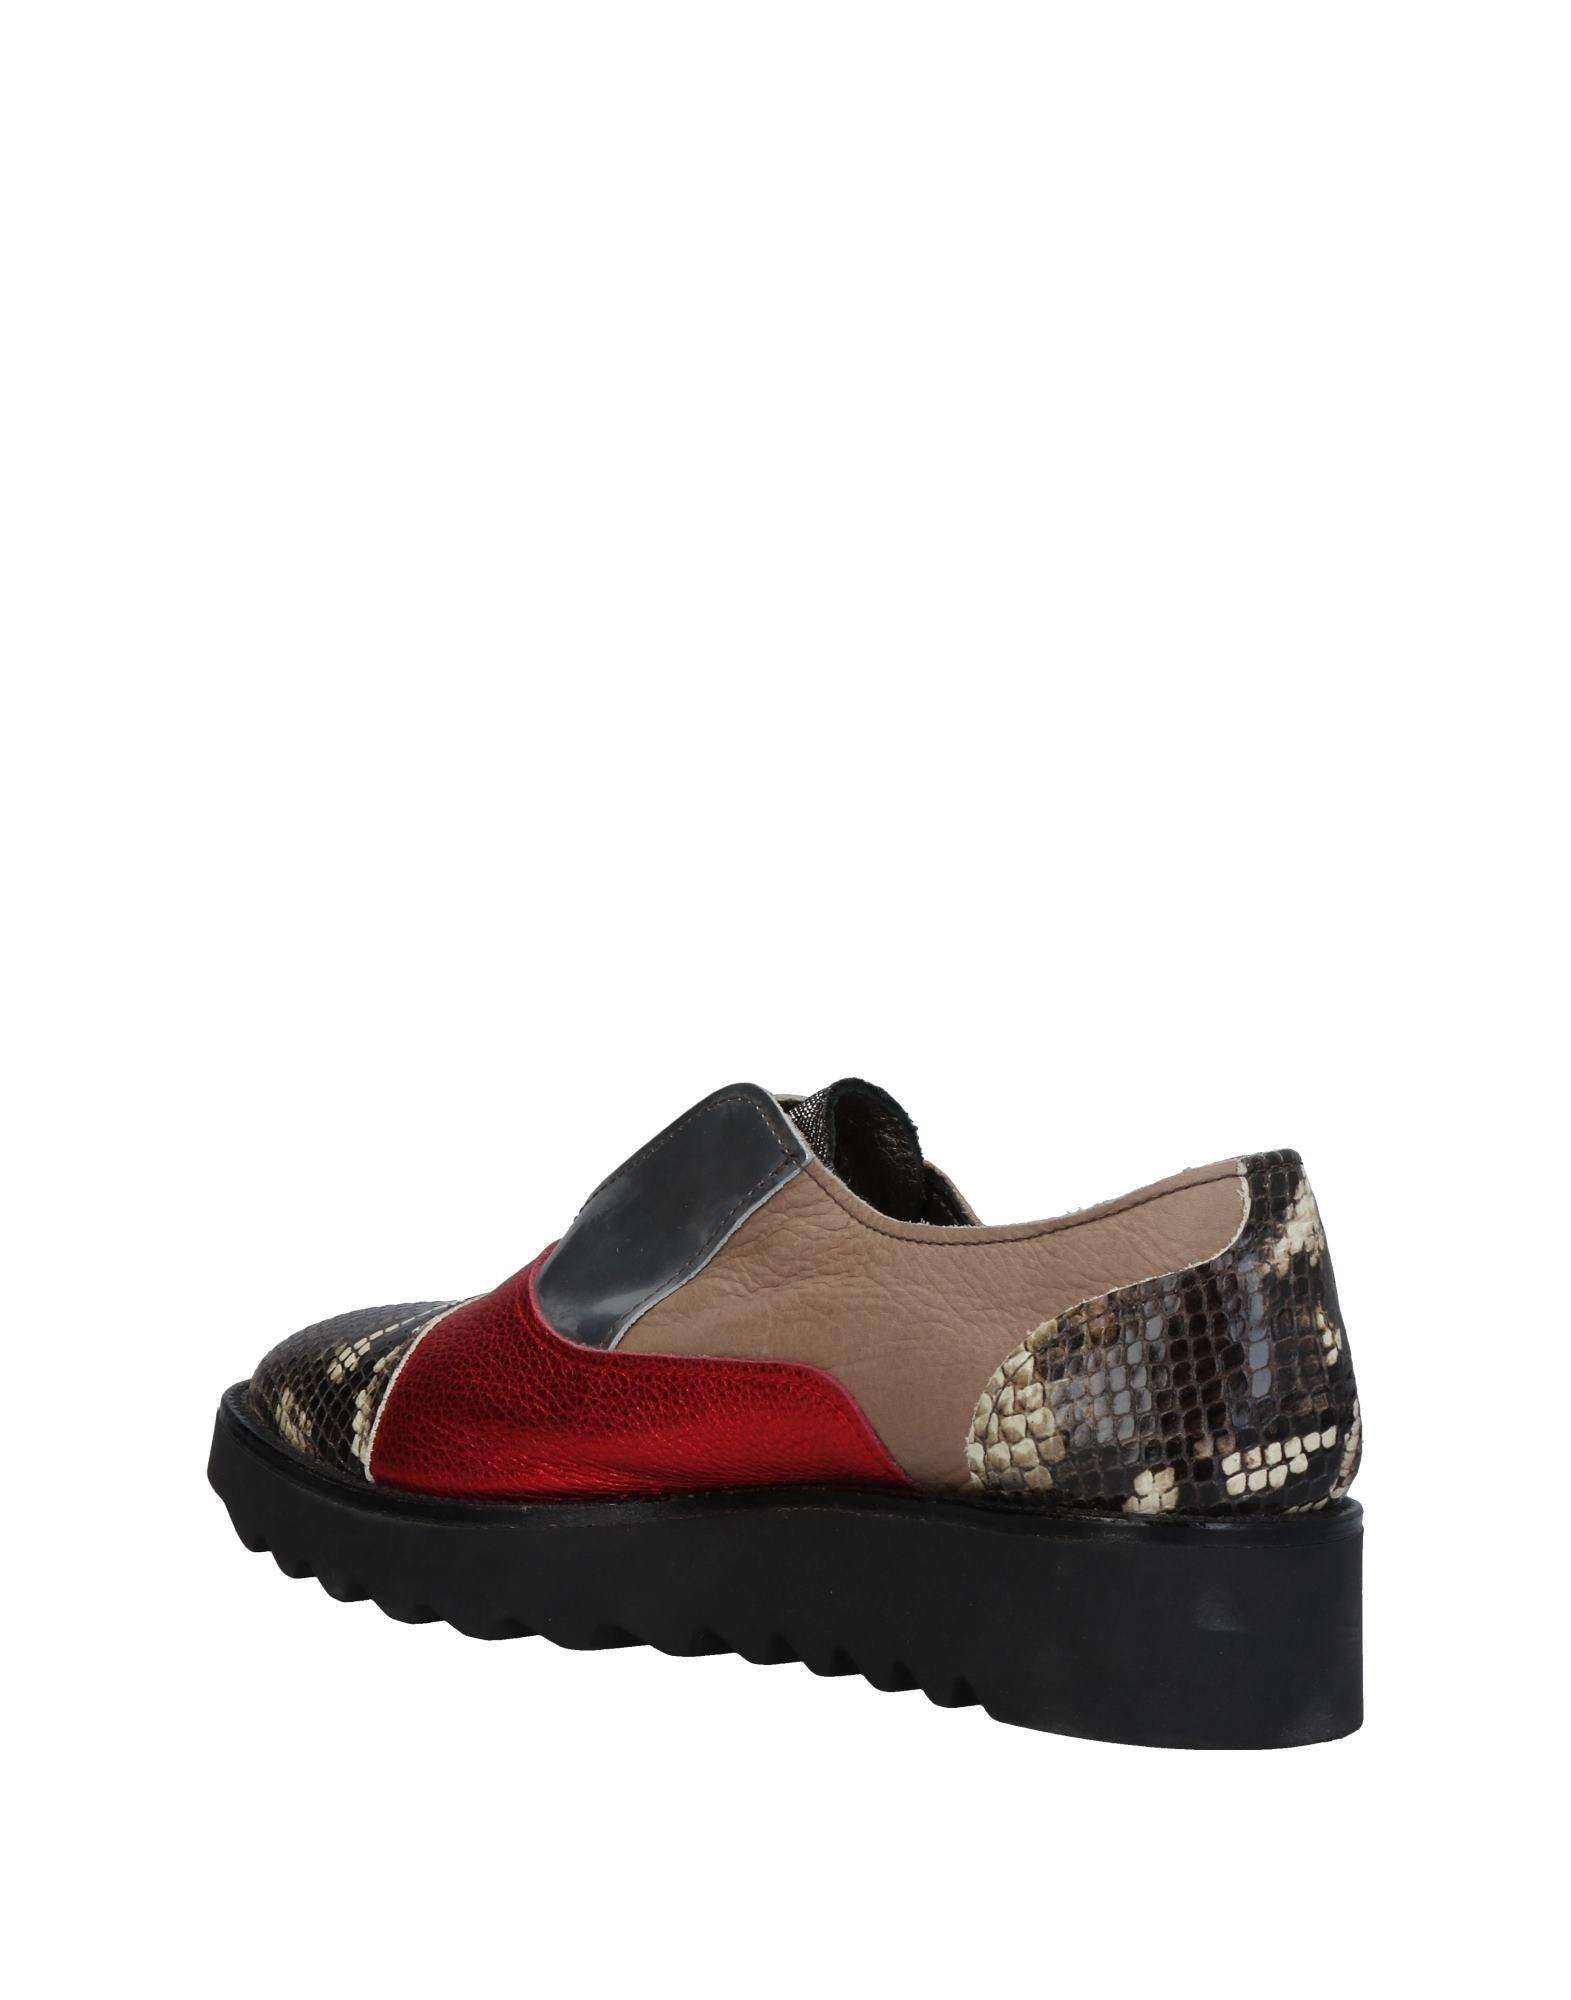 Ebarrito Gute Mokassins Damen  11457348PF Gute Ebarrito Qualität beliebte Schuhe 64a817